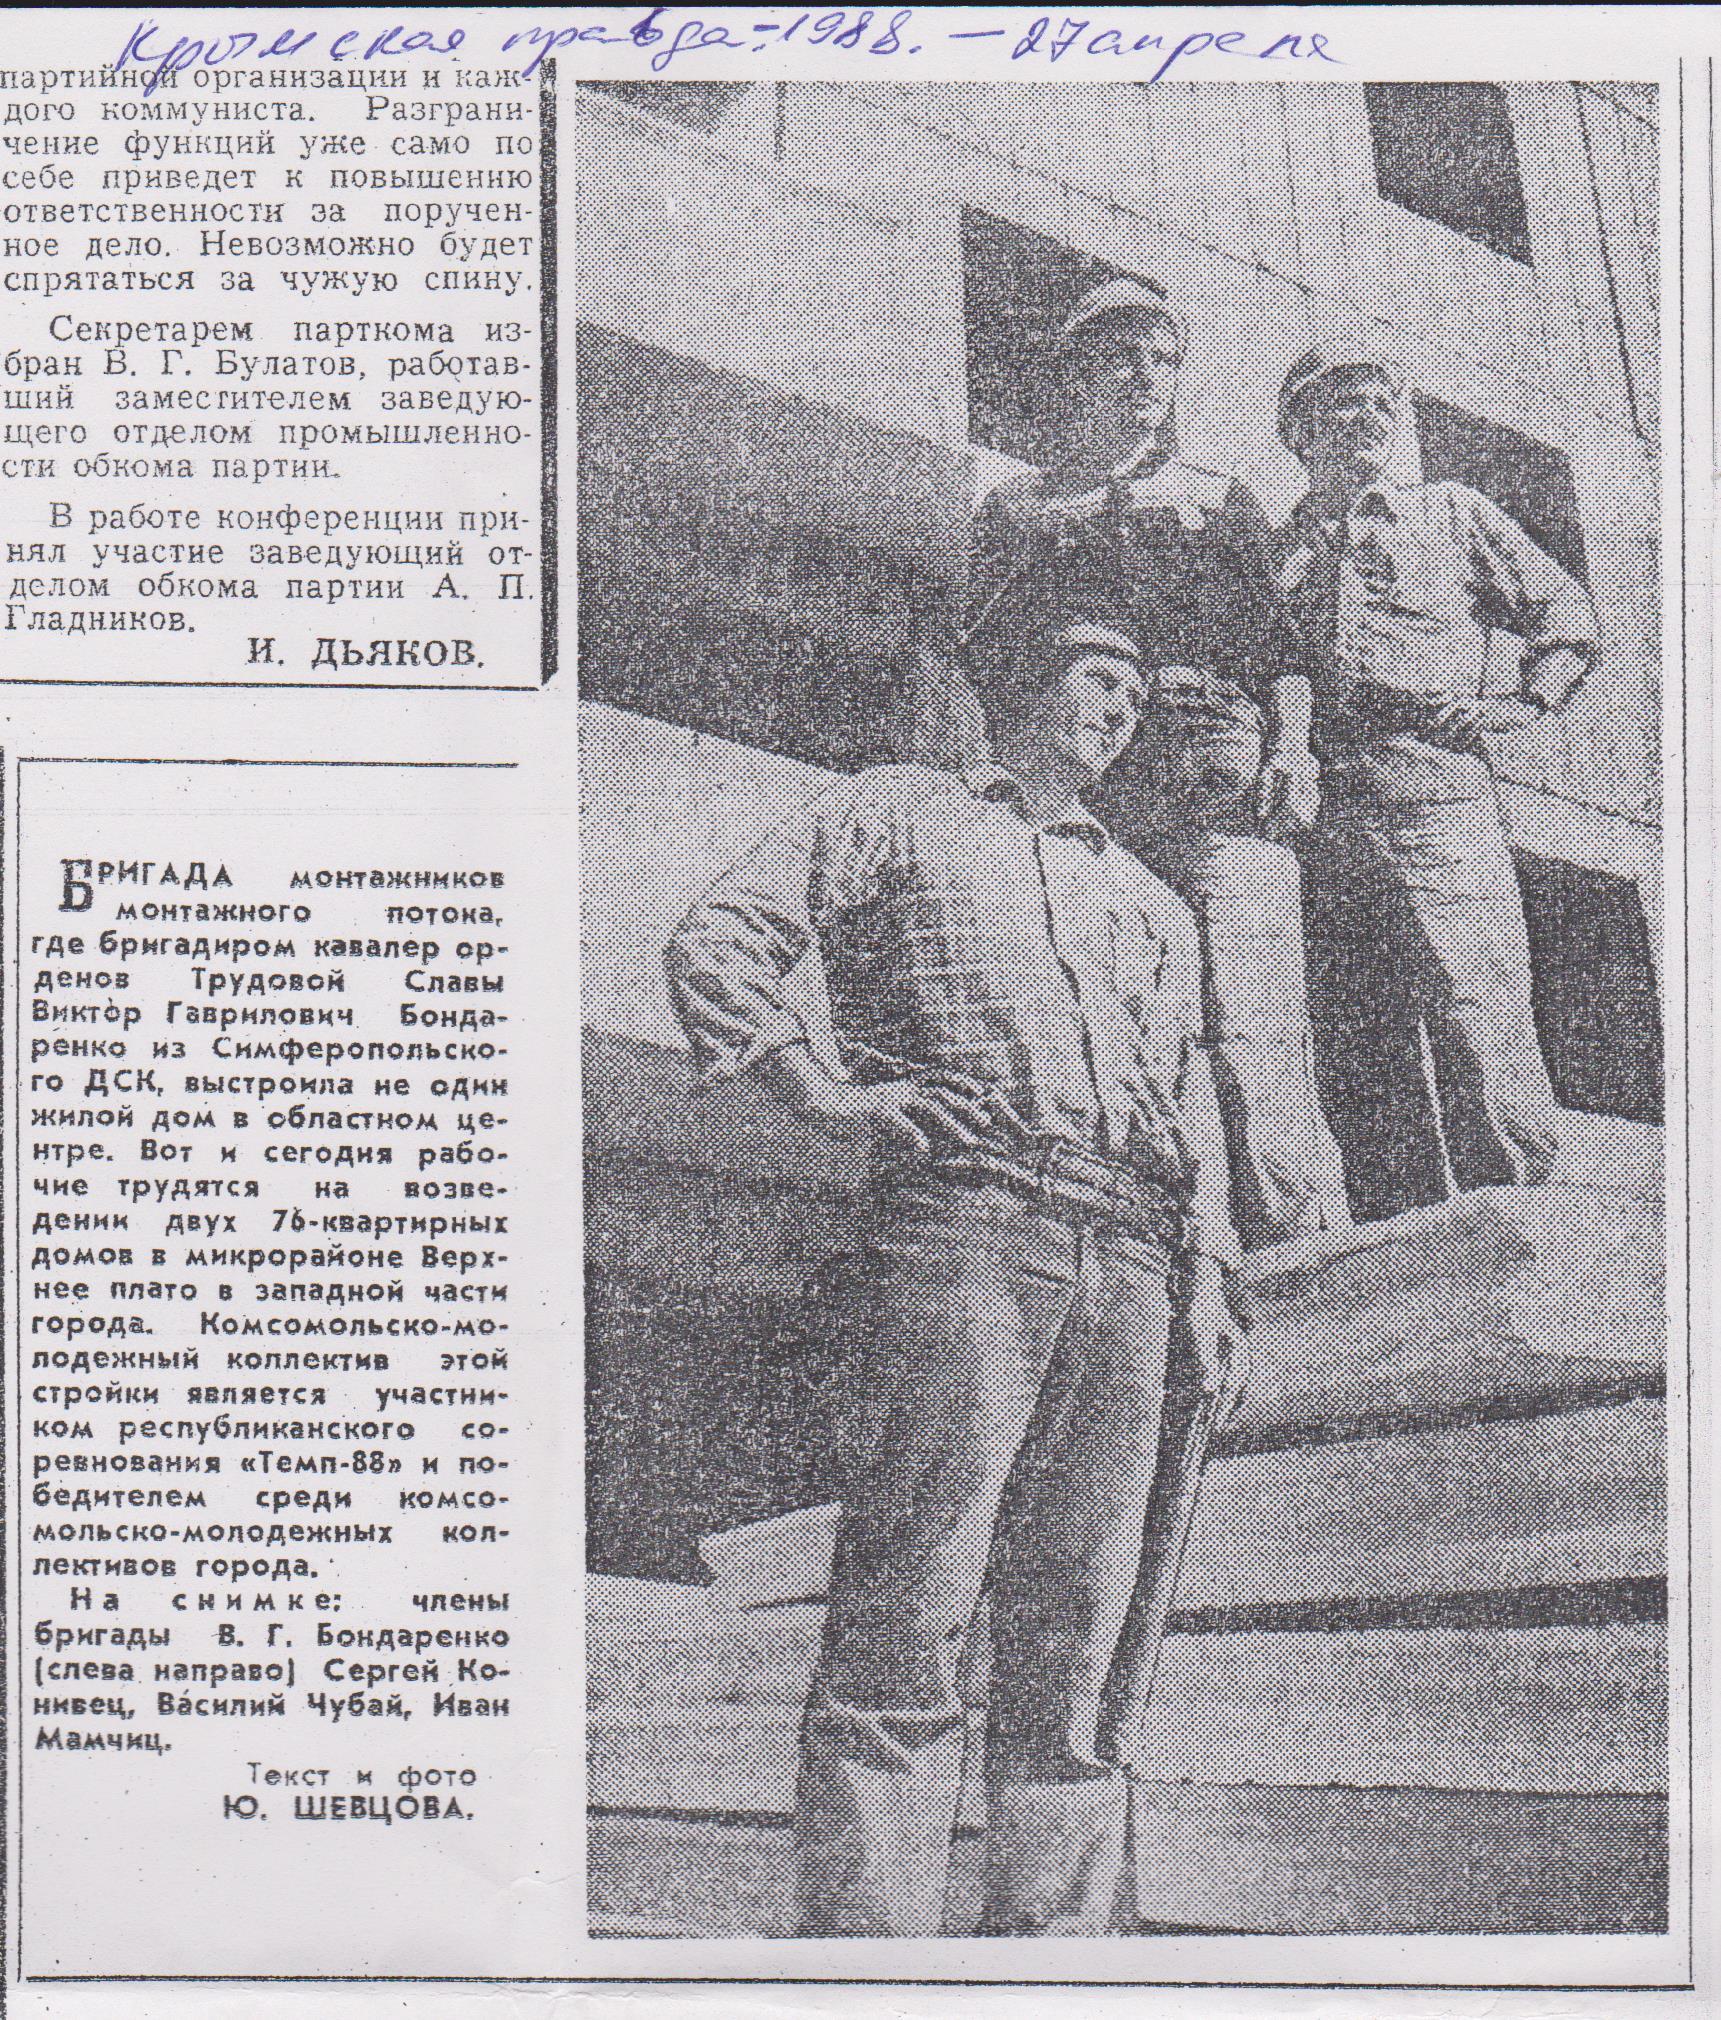 крымская правда,1988, строители, новостойка,Улица маршала Жукова,симферополь,крым,россия,